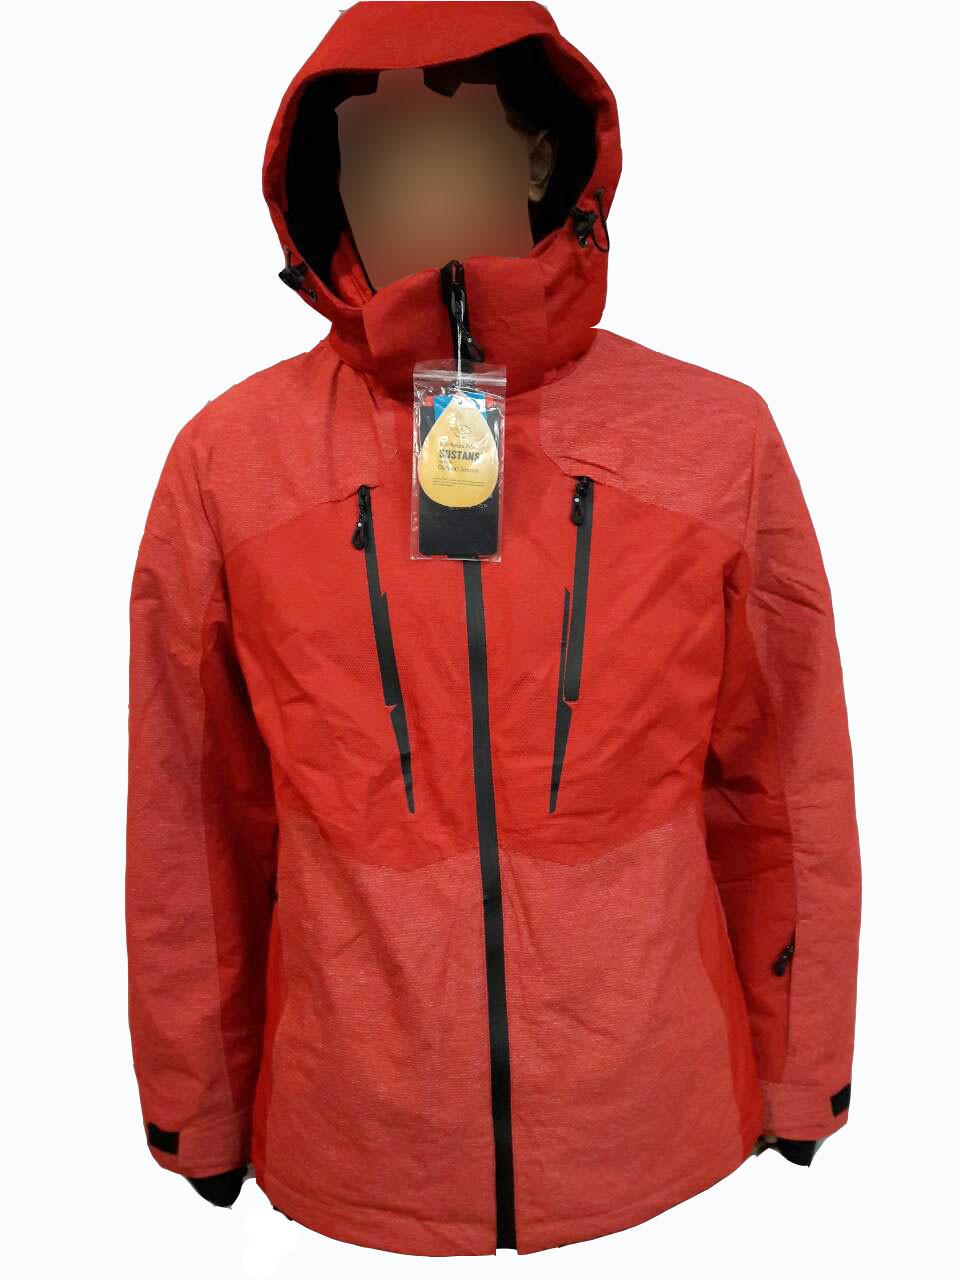 770ec463 Куртка горнолыжная мужская WHS красная - Интернет-магазин